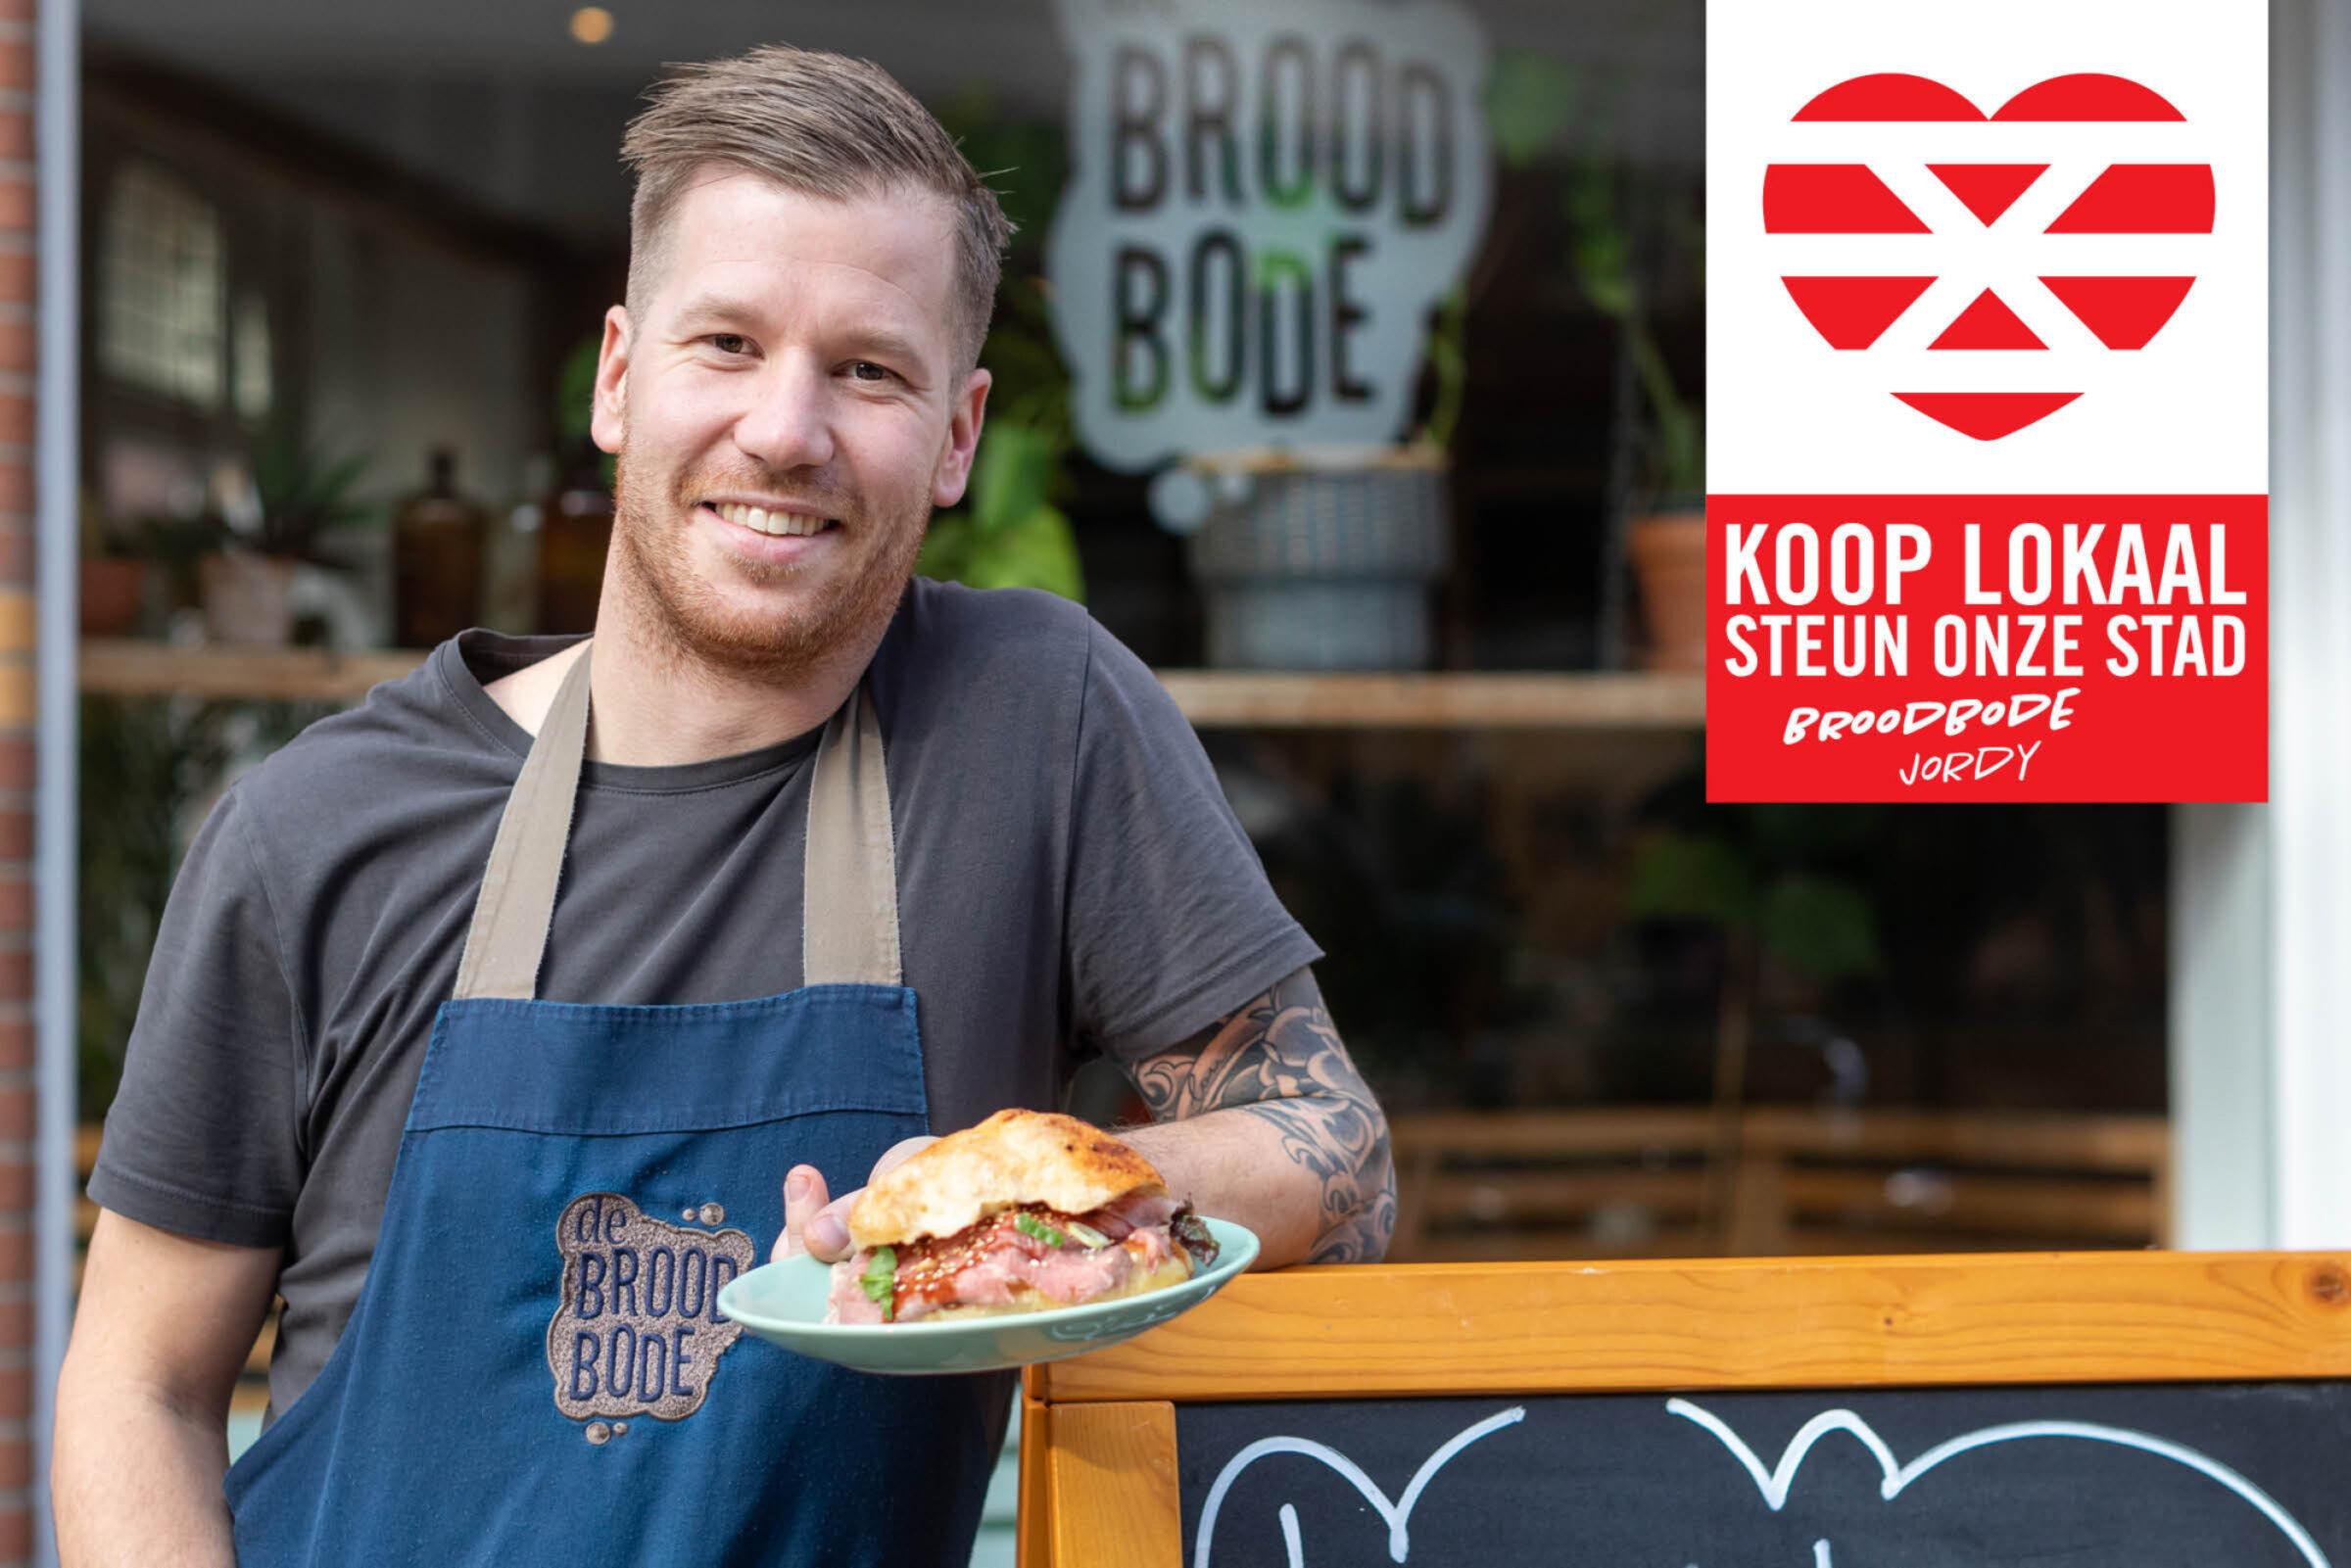 Steun onze stad Koop lokaal Enschede Broodbode Jordy